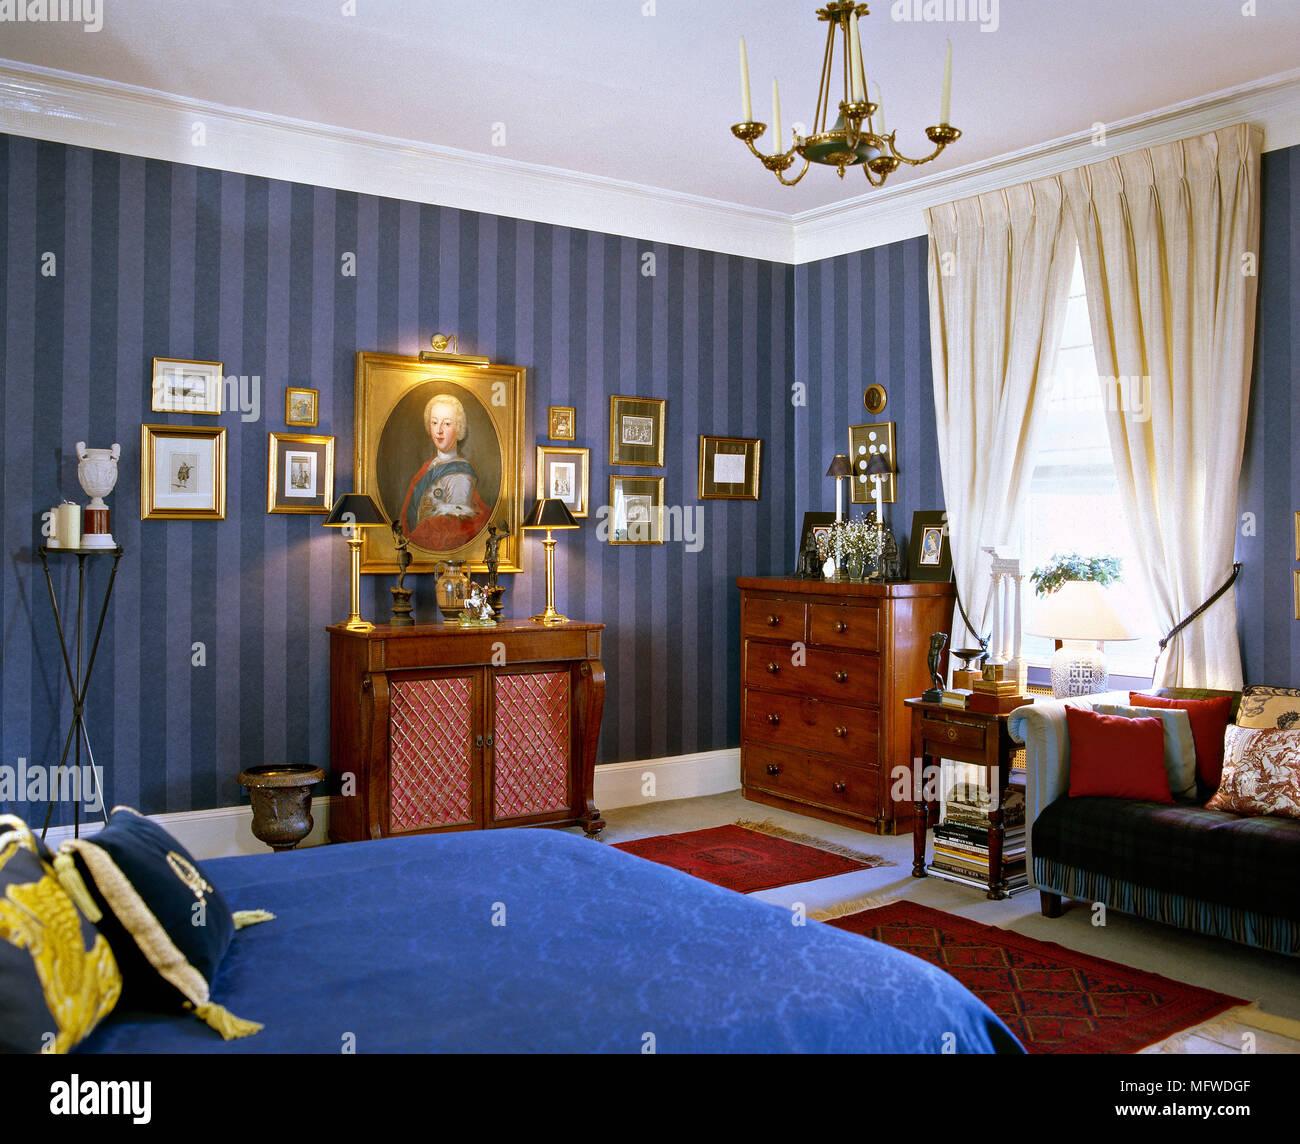 Blau gestreifte Tapeten, Schlafzimmer mit Doppelbett und ...